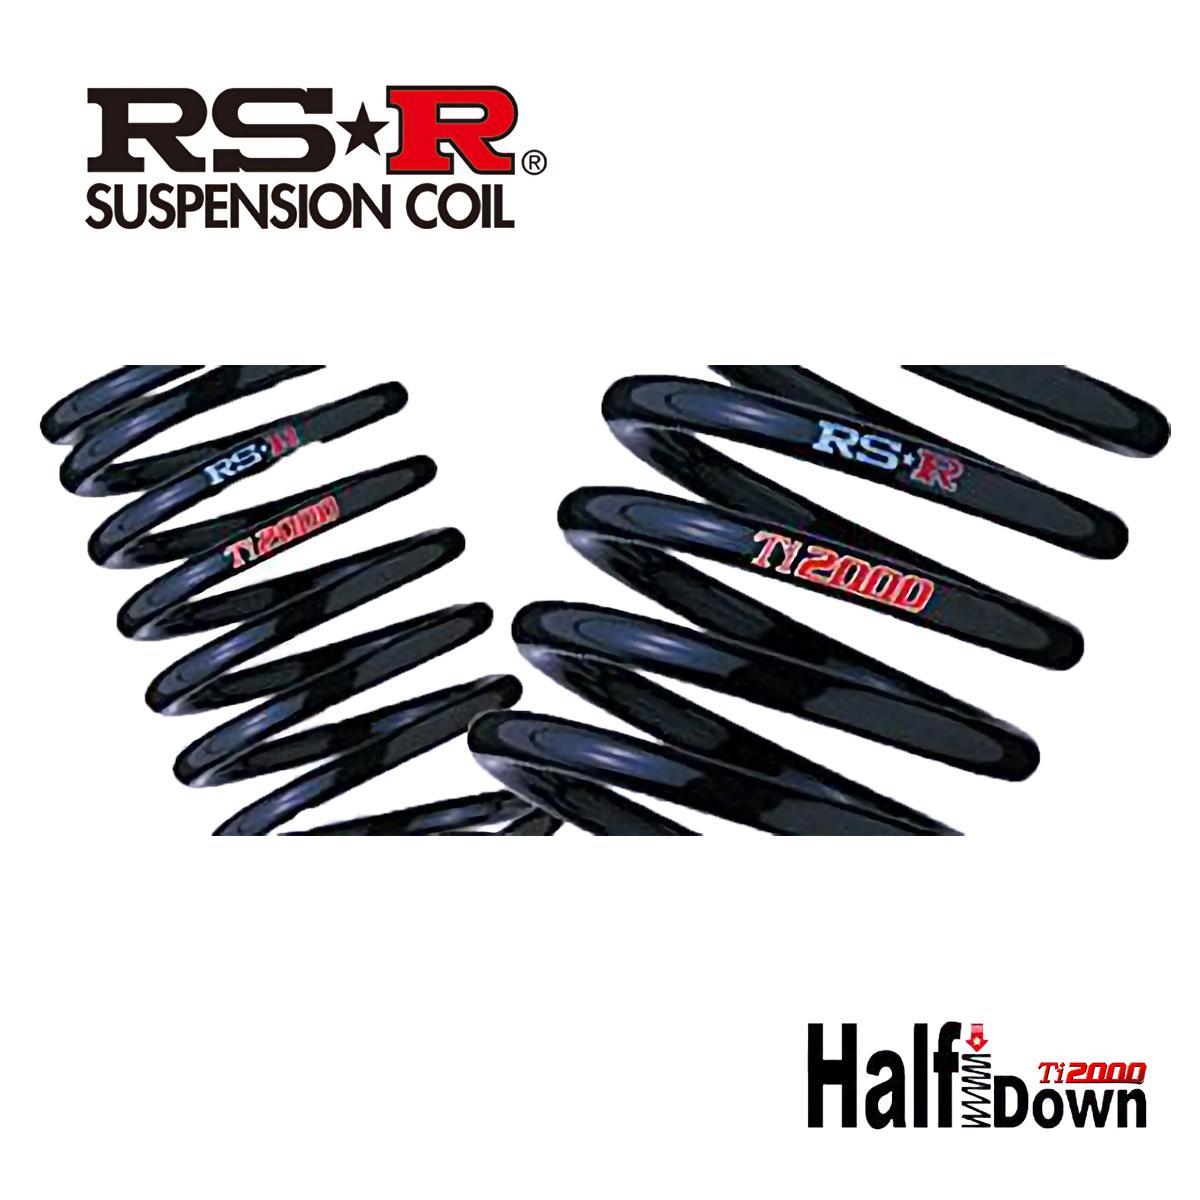 RS-R CX-8 XD Lパッケージ KG2P ダウンサス スプリング 1台分 M301THD Ti2000 ハーフダウン RSR 個人宅発送追金有